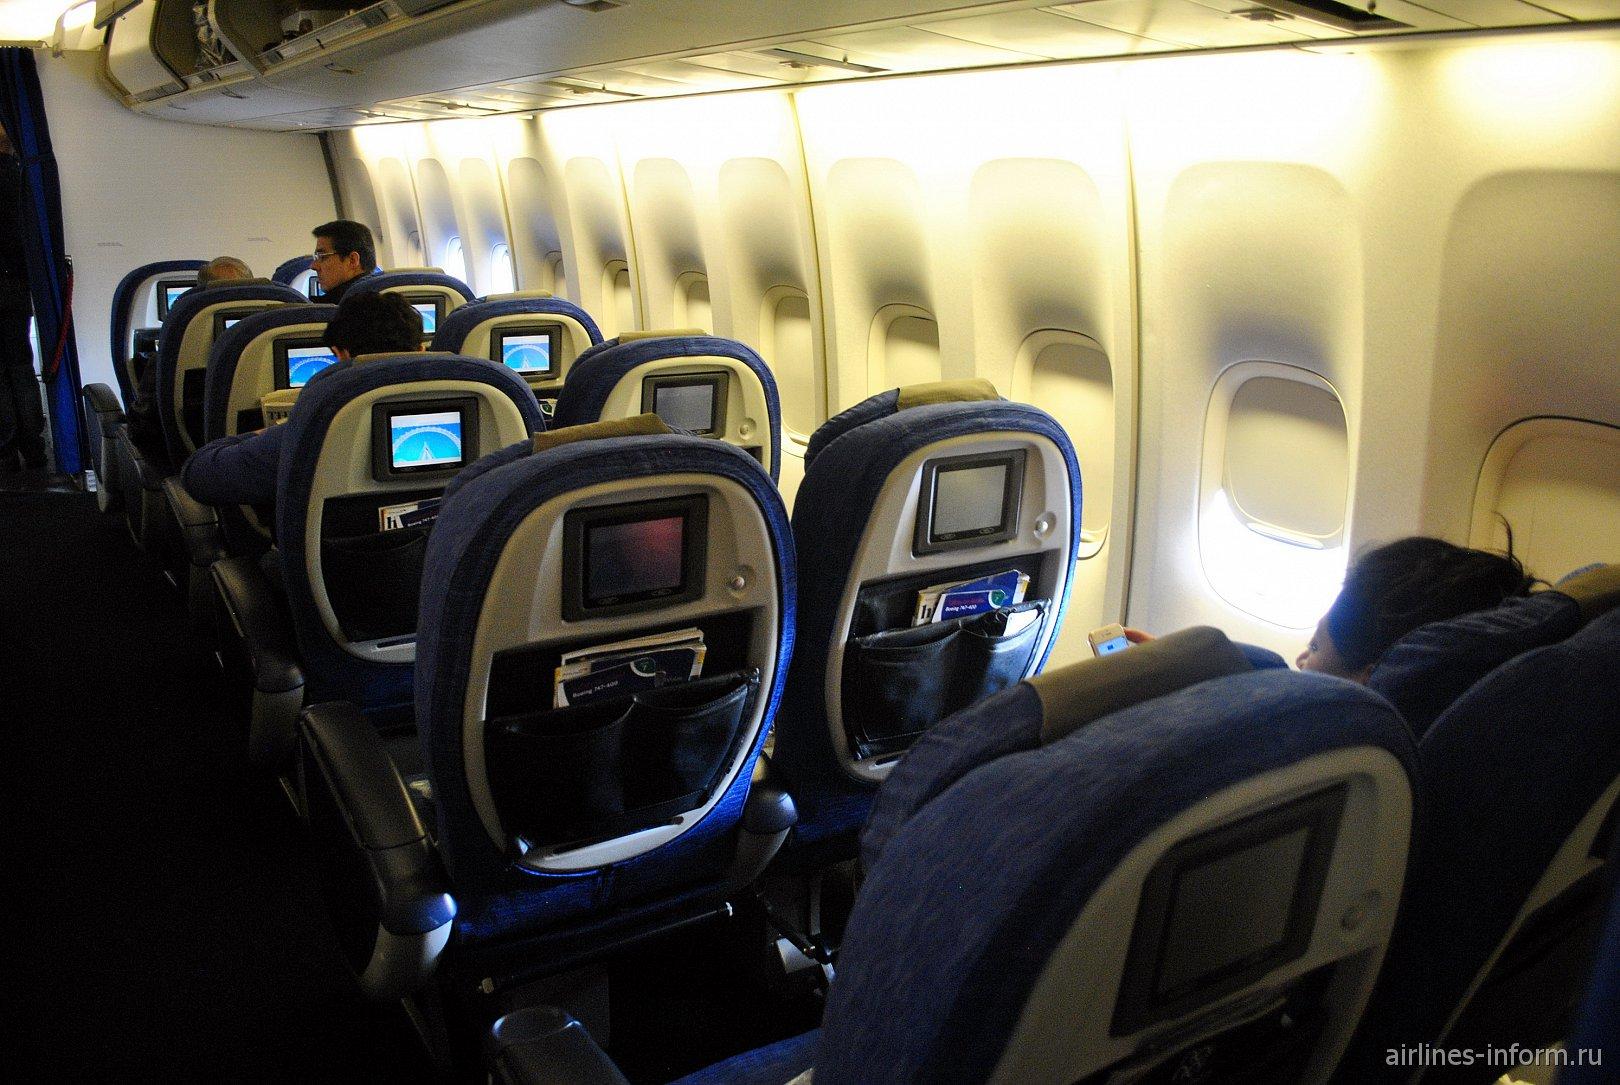 """Кресла премиум-эконом класса """"World Traveller Plus"""" в Боинге-747-400 Британских авиалиний"""